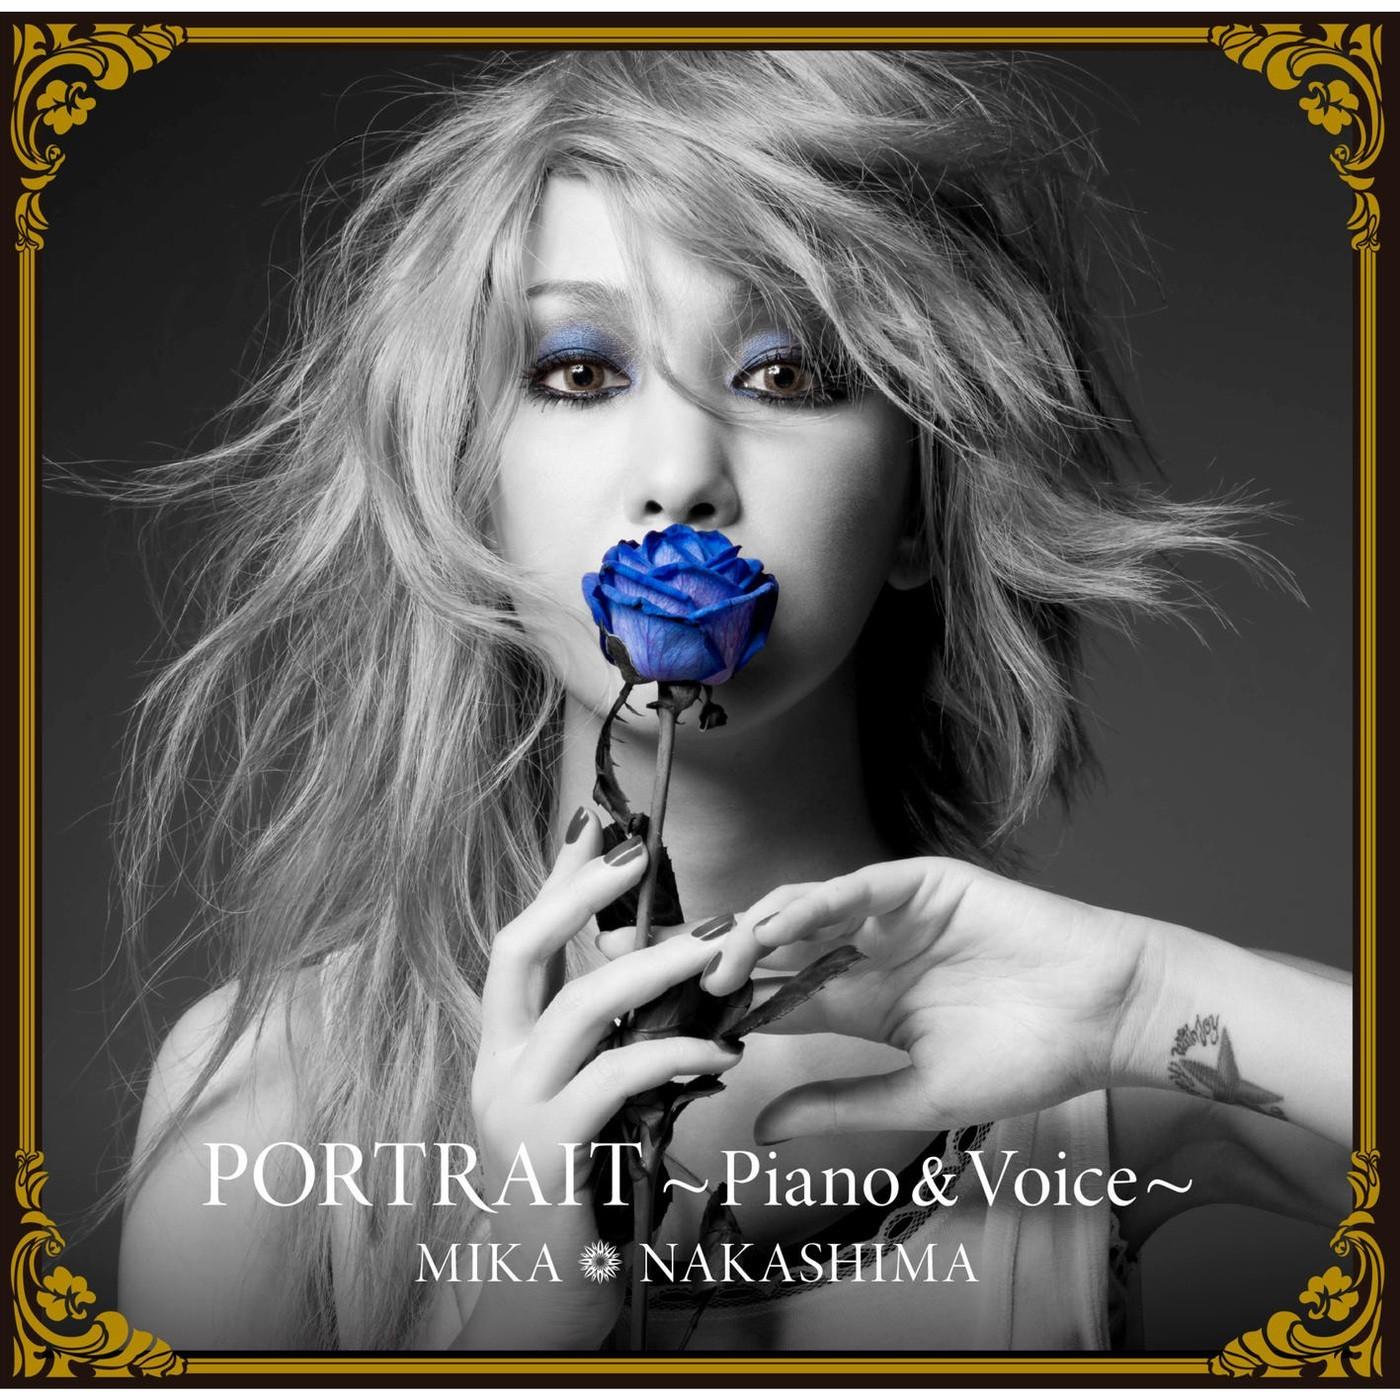 中島美嘉 (Mika Nakashima) – PORTRAIT ~Piano & Voice~ [FLAC + MP3 320 / WEB] [2018.11.07]